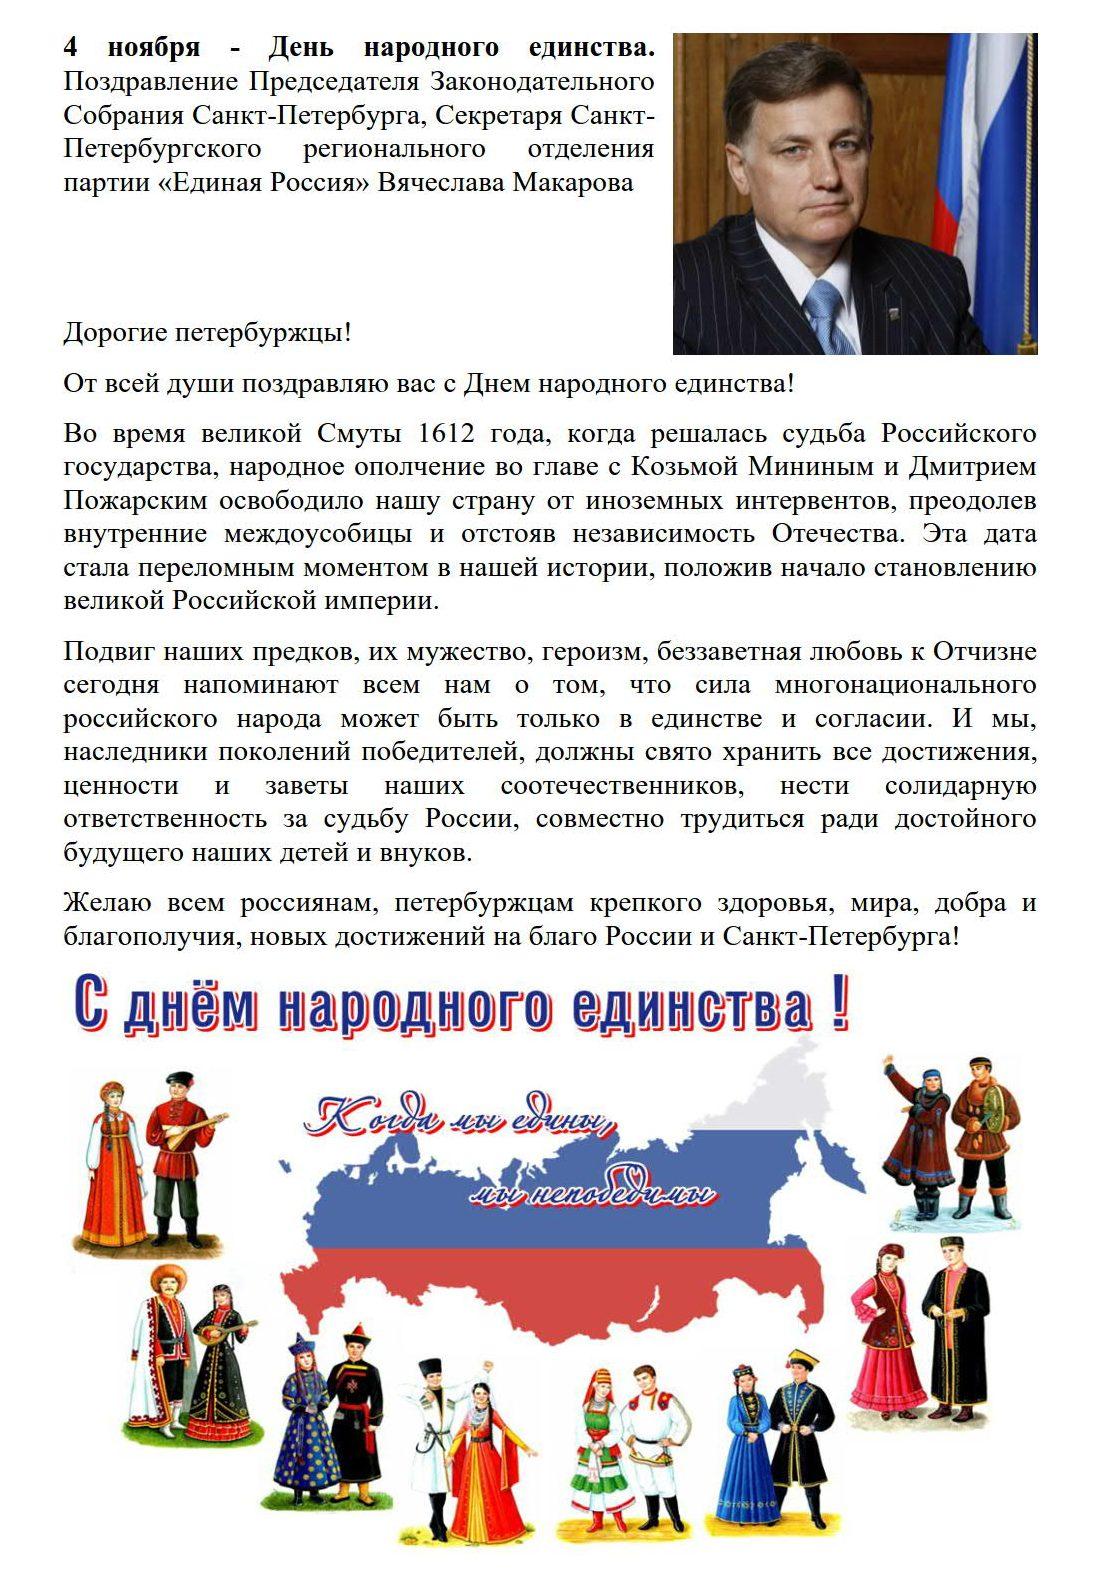 Поздравление 4 ноября День народного единства_1